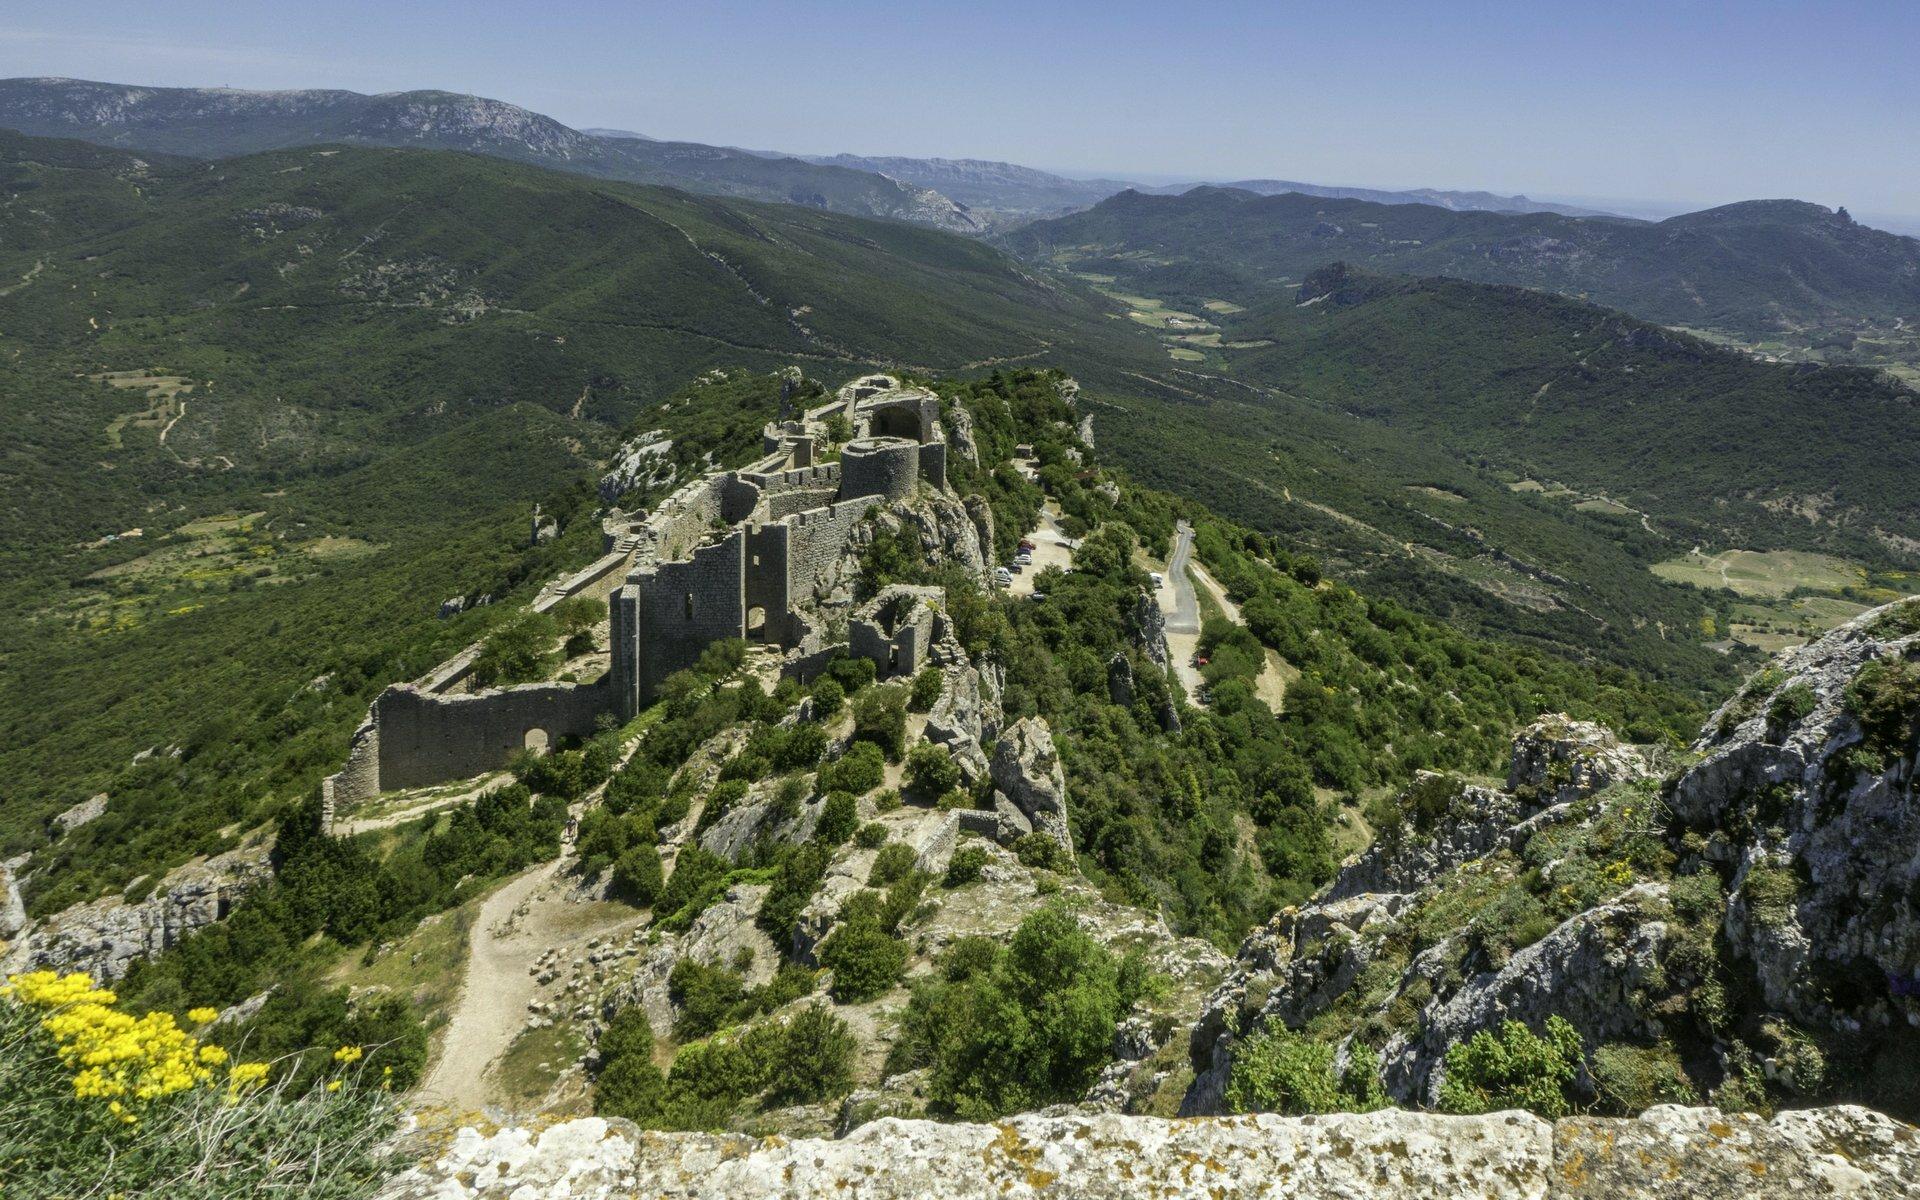 Blick auf mittlere Ringmauer und untere Burg vom Château de Peyrepertuse